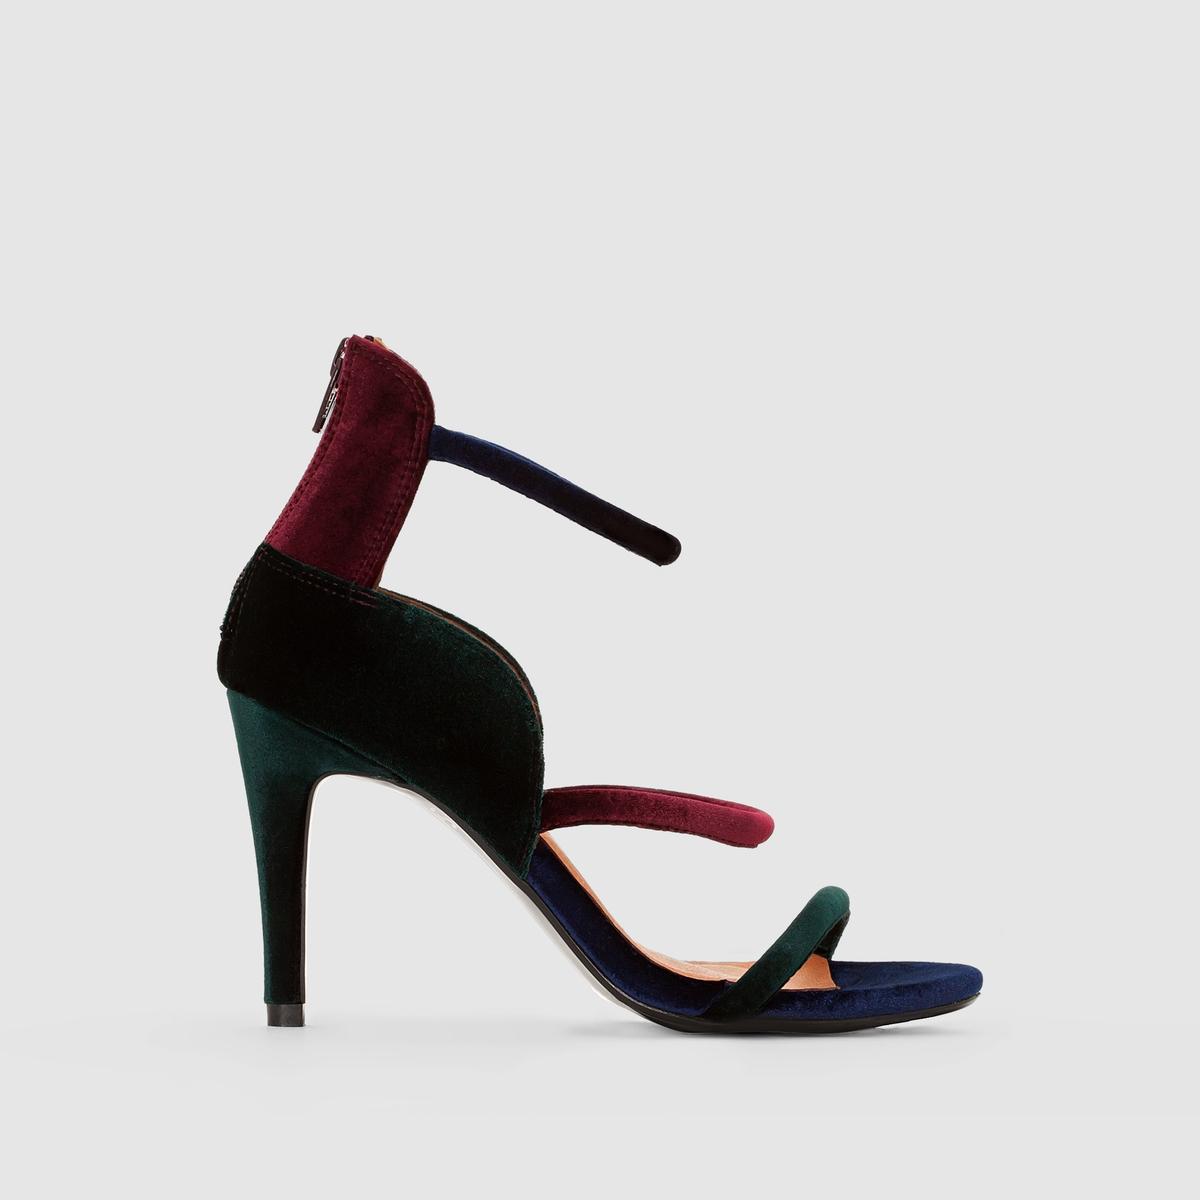 Босоножки велюровые на высоком каблукеТуфли MADEMOISELLE R Верх : текстильПодкладка   : кожа Стелька : кожа Подошва : из эластомераВысота каблука : 9 см  Застежка : без застежкиПреимущества : молния сзади, тонкие ремешки и многоцветный велюр этой модели позволяют по новому взглянуть на стиль босоножек.<br><br>Цвет: разноцветный<br>Размер: 37.38.39.40